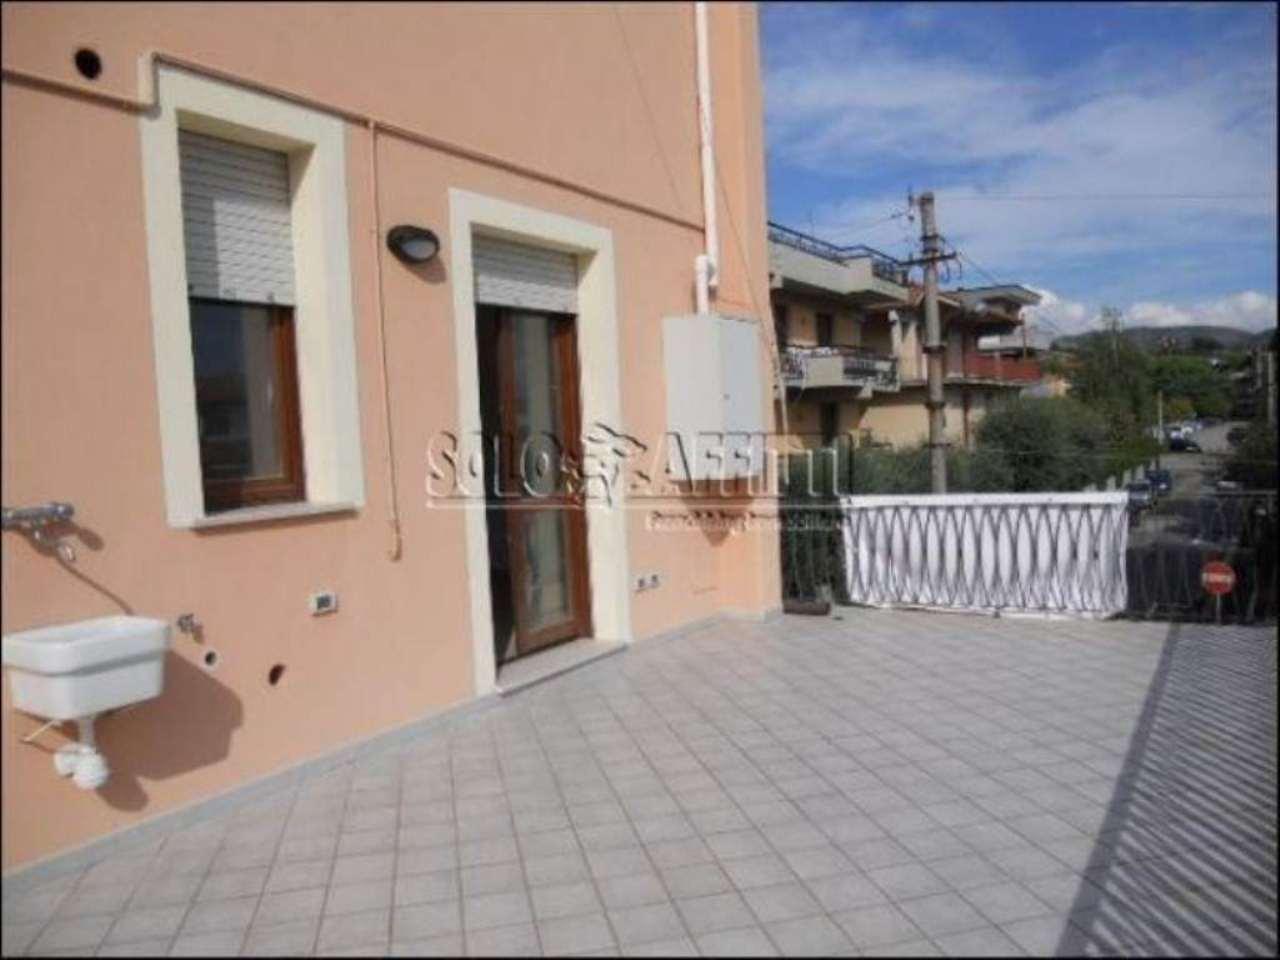 Appartamento in affitto a Montecatini-Terme, 2 locali, prezzo € 550 | Cambio Casa.it